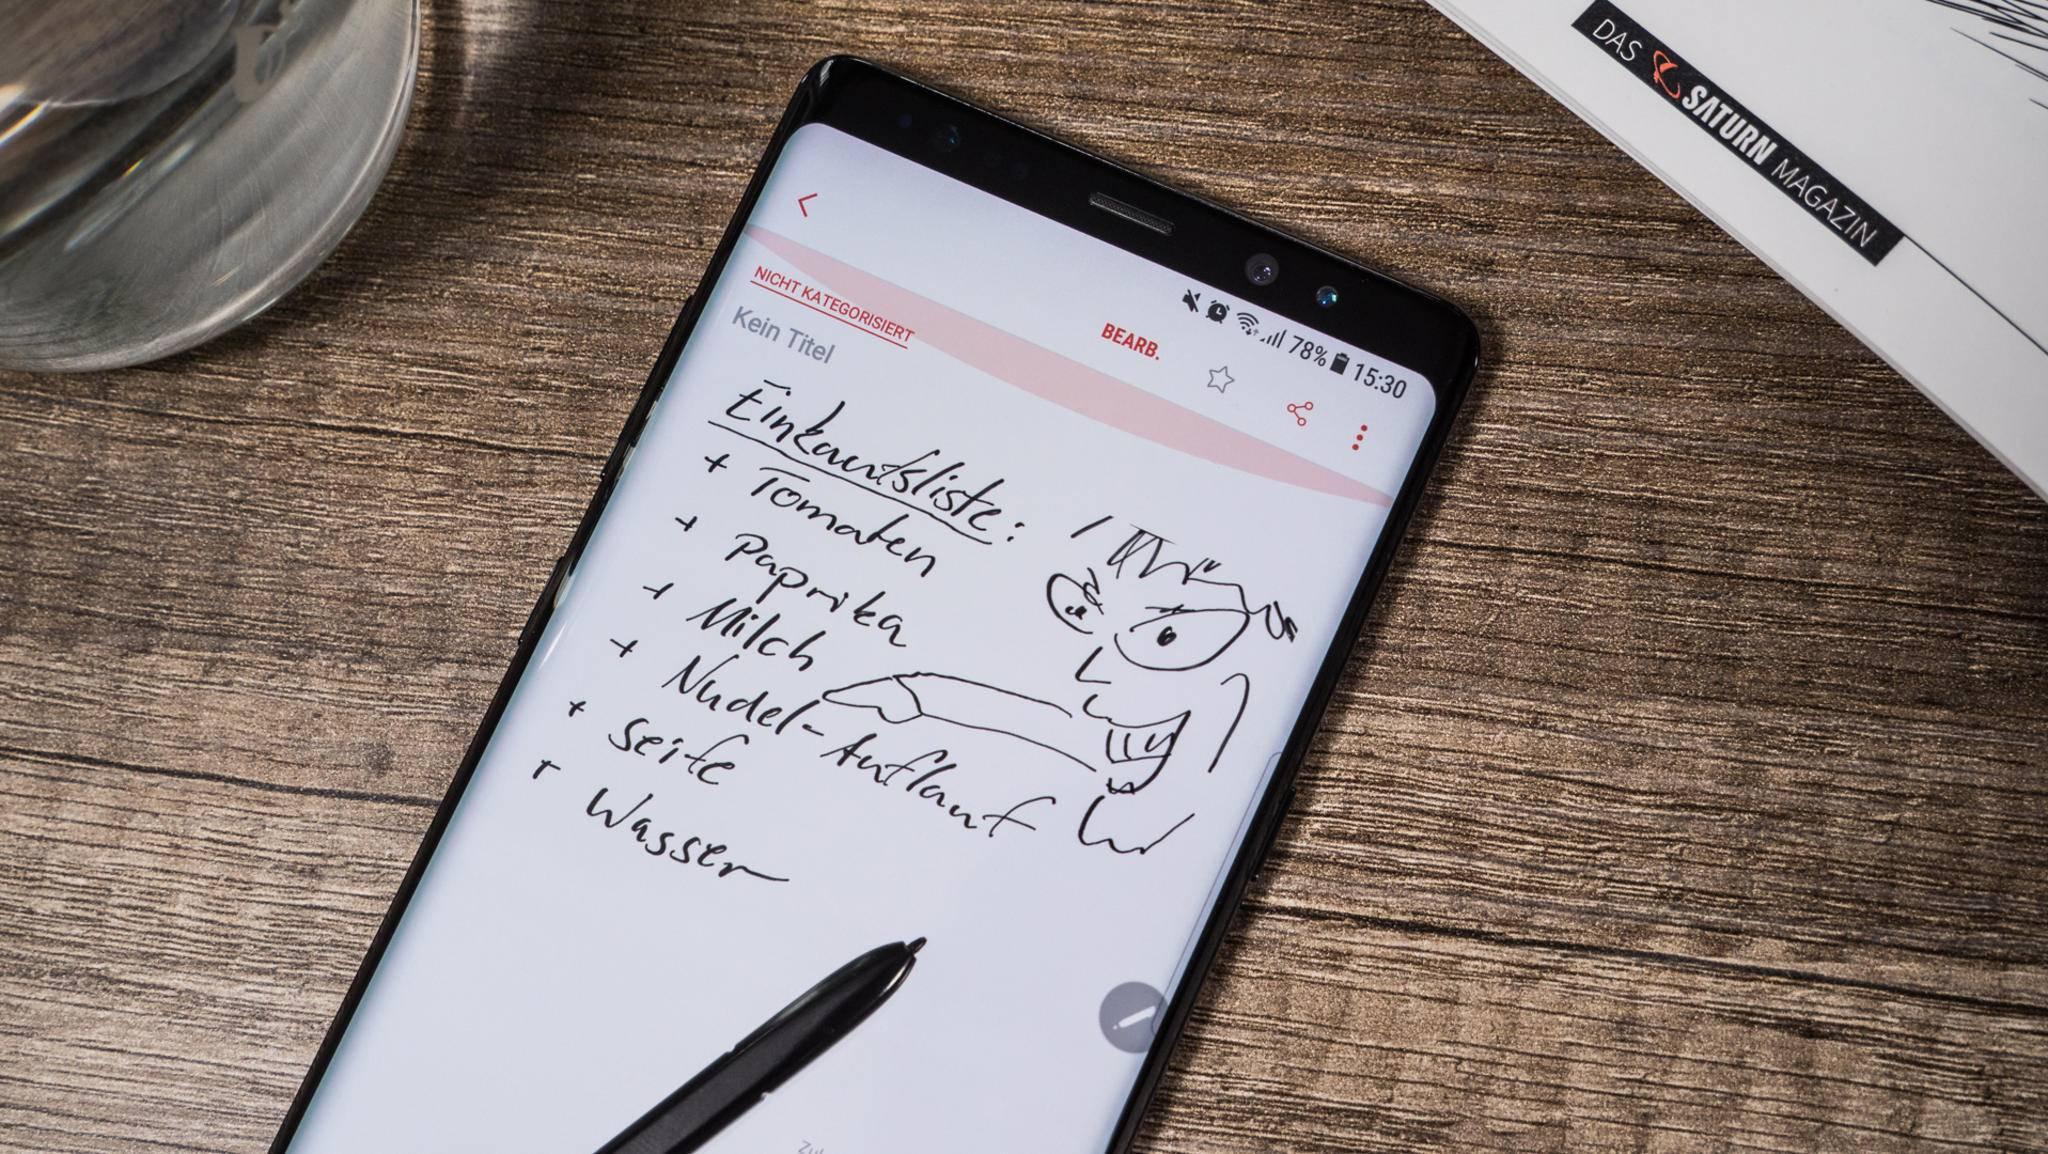 Mit dem S-Pen kannst Du Notizen machen, zeichnen und mehr.